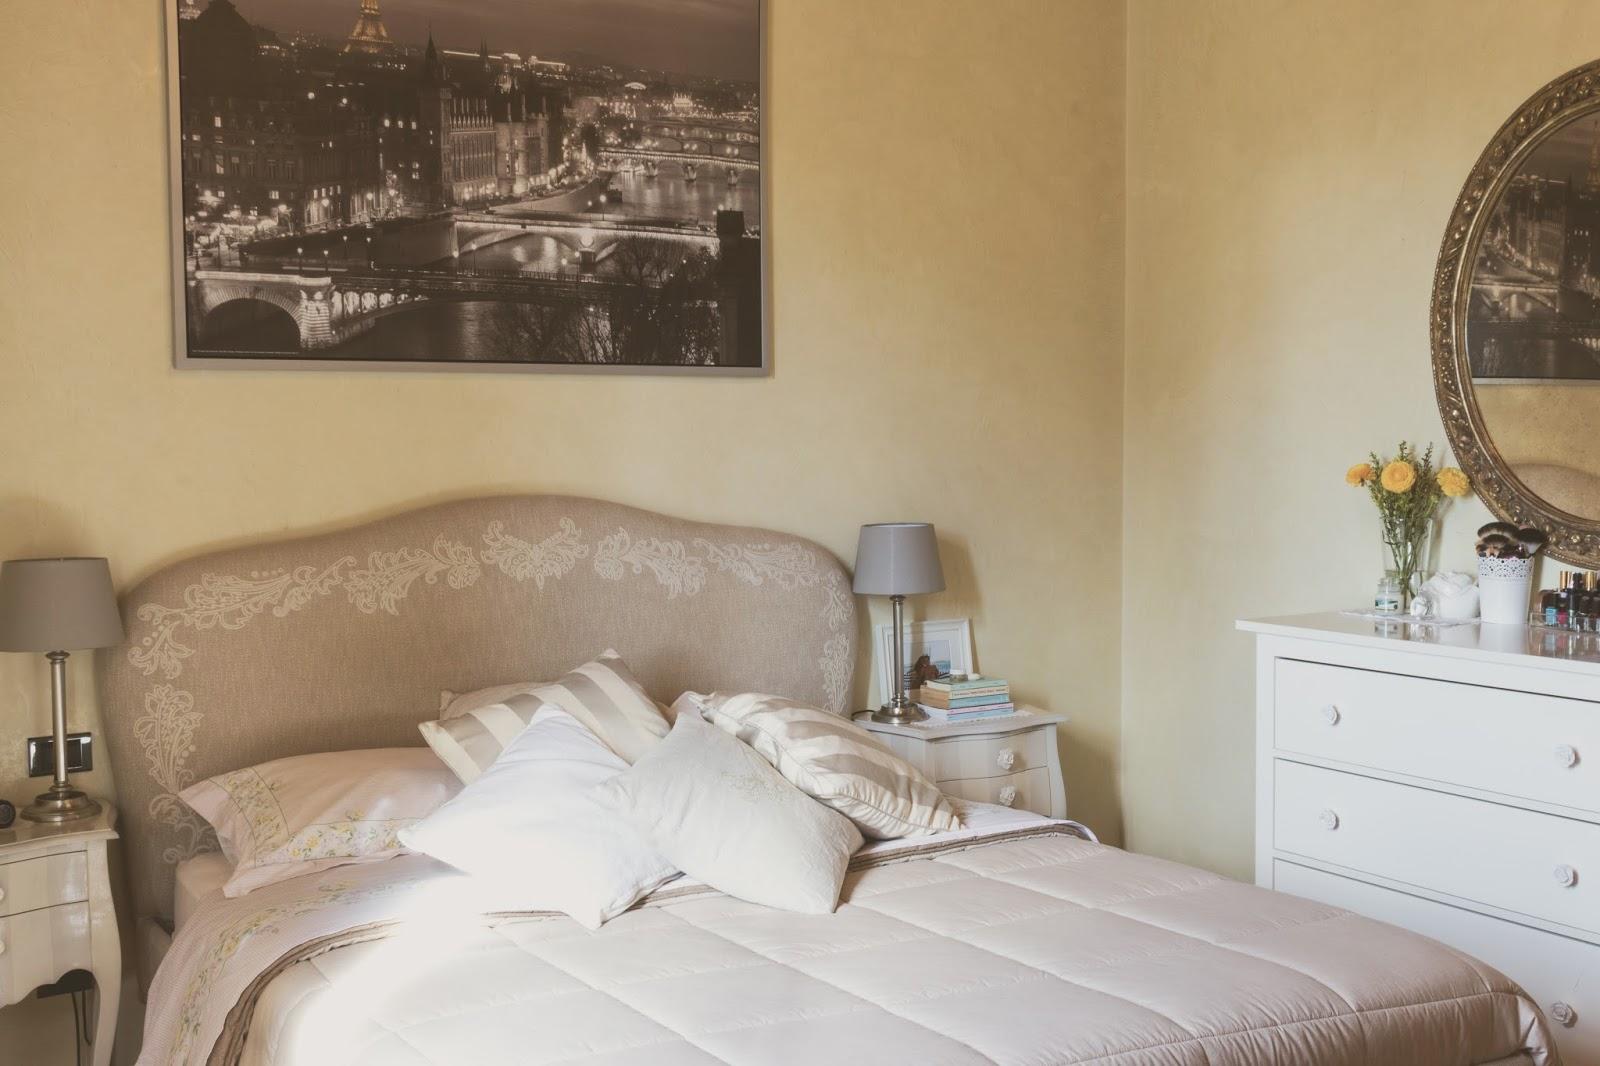 Room tour la mia camera da letto - La mia camera ...